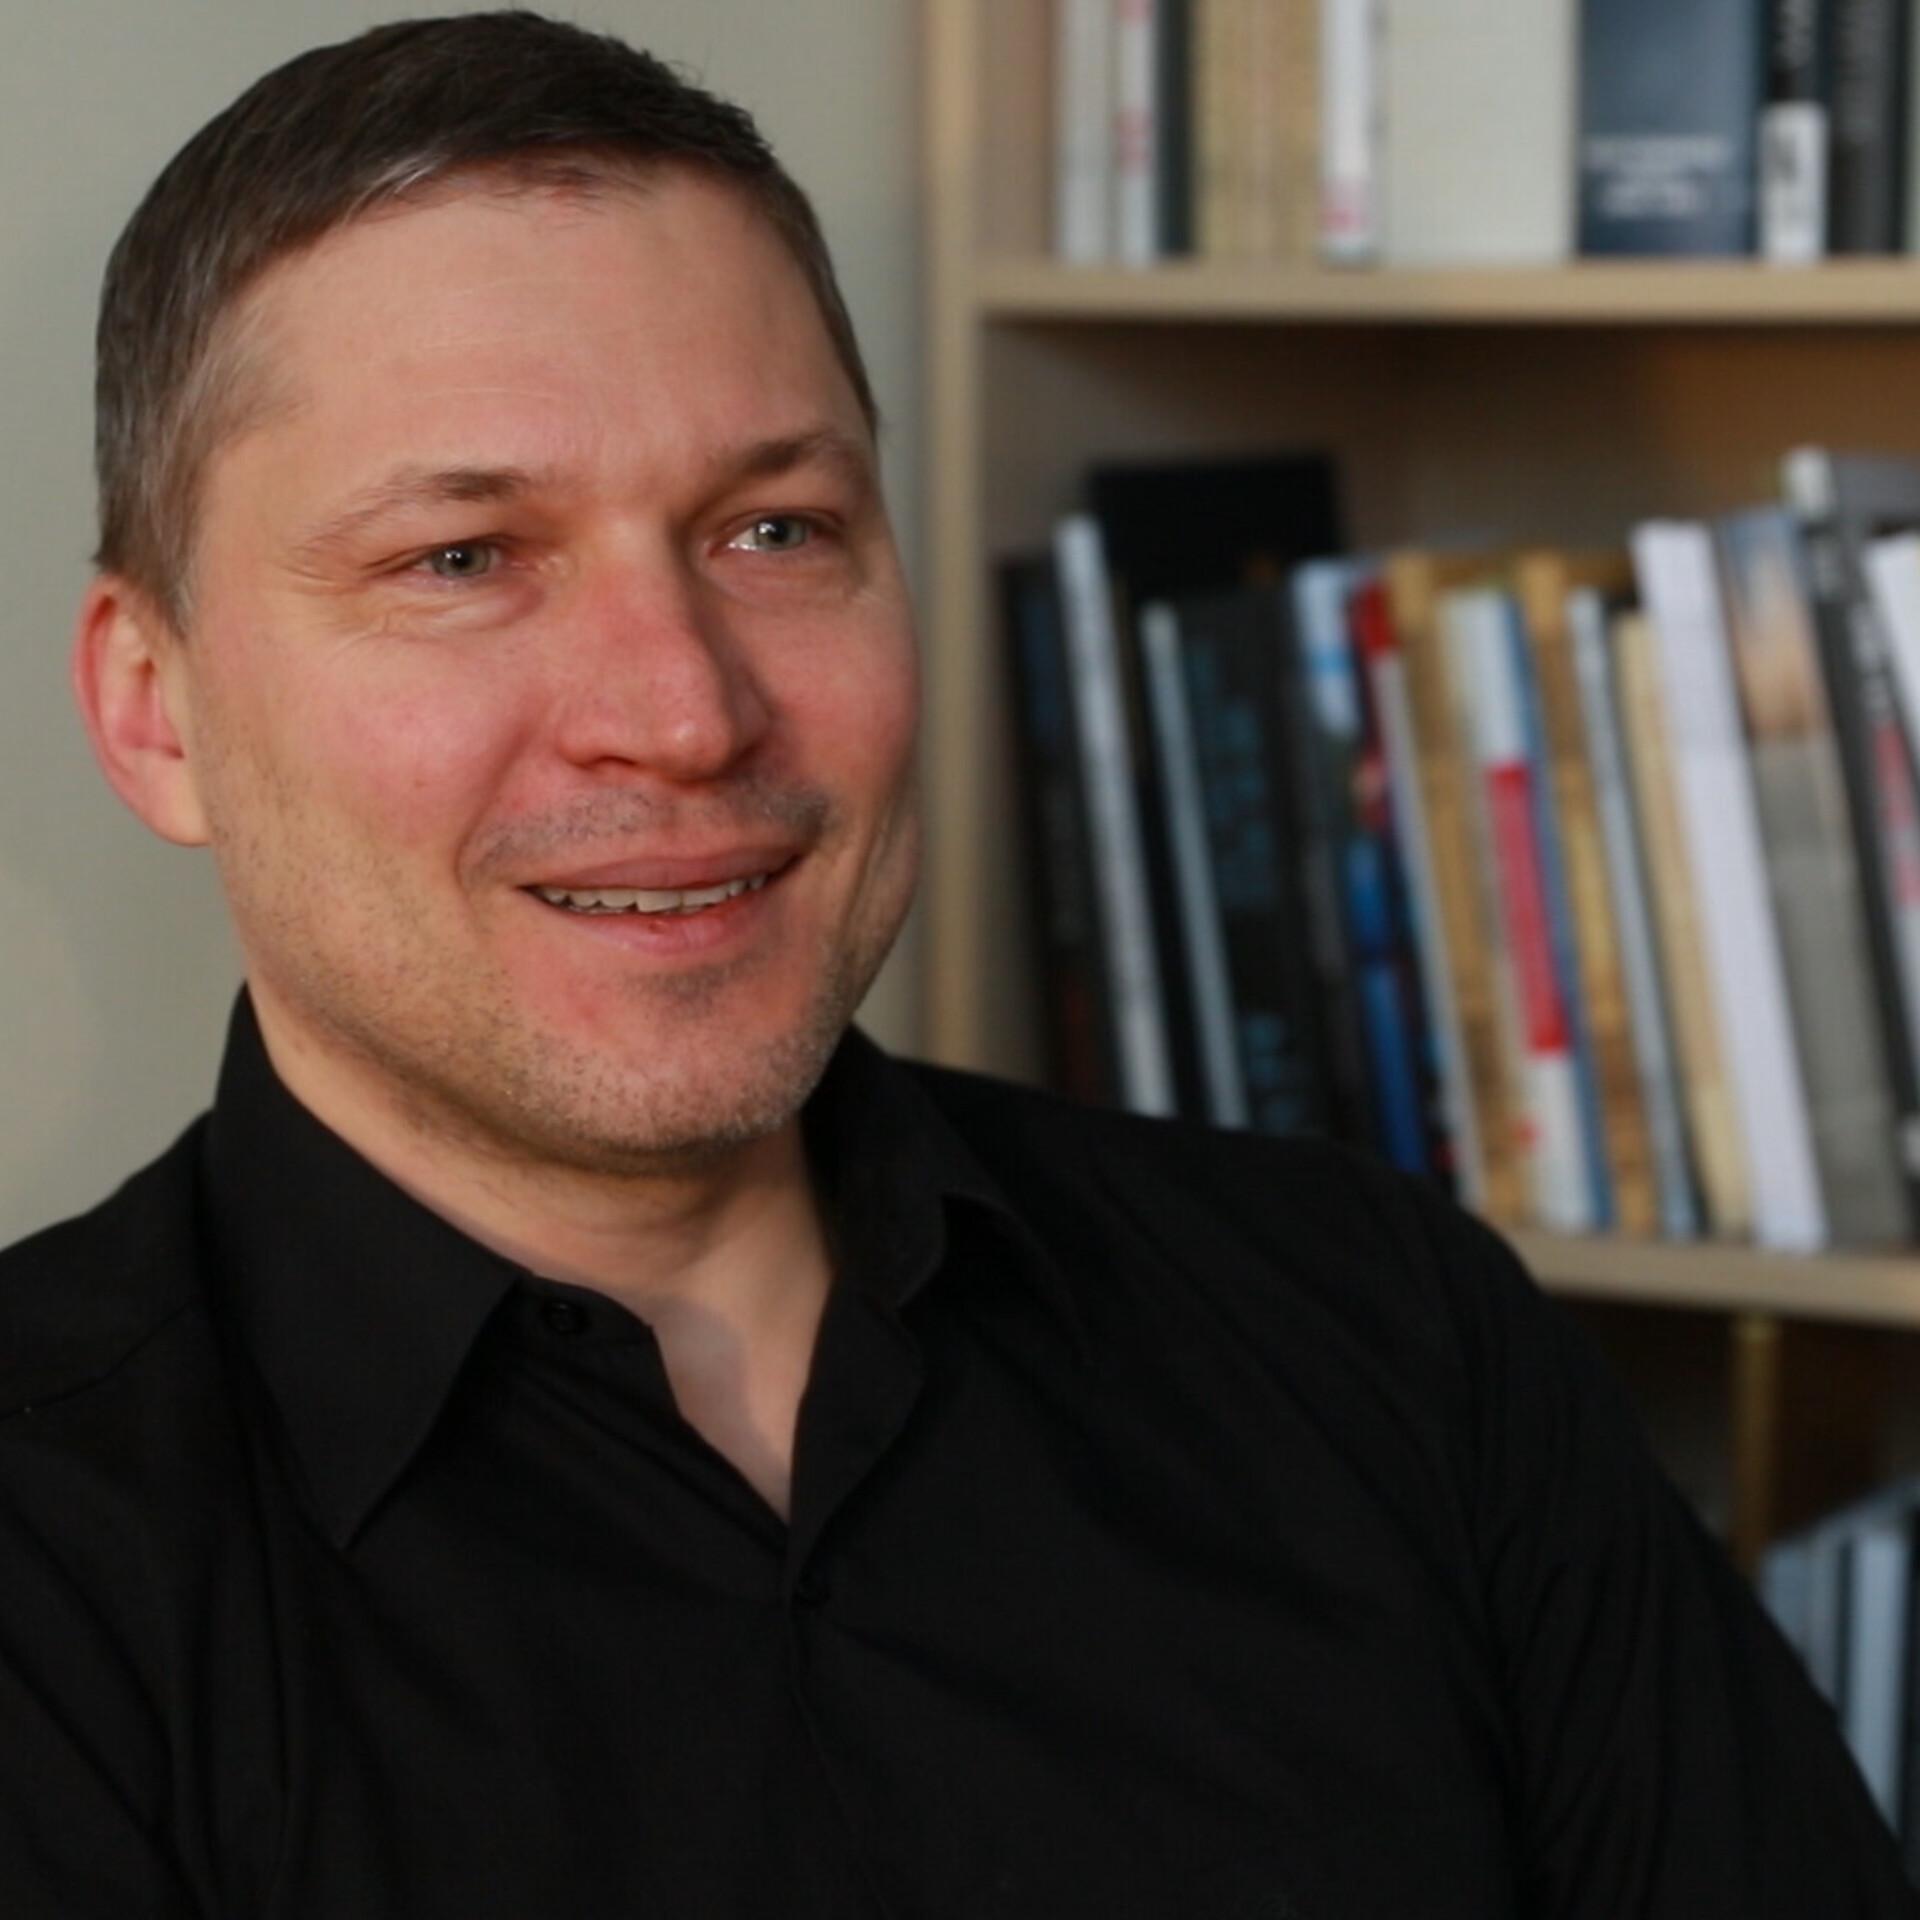 5b3c7904b6c Kirjanduspreemia võitja Martin Algus: tahaksin veel romaanivormis kirjutada  | Kirjanduspreemia nominendid | ERR